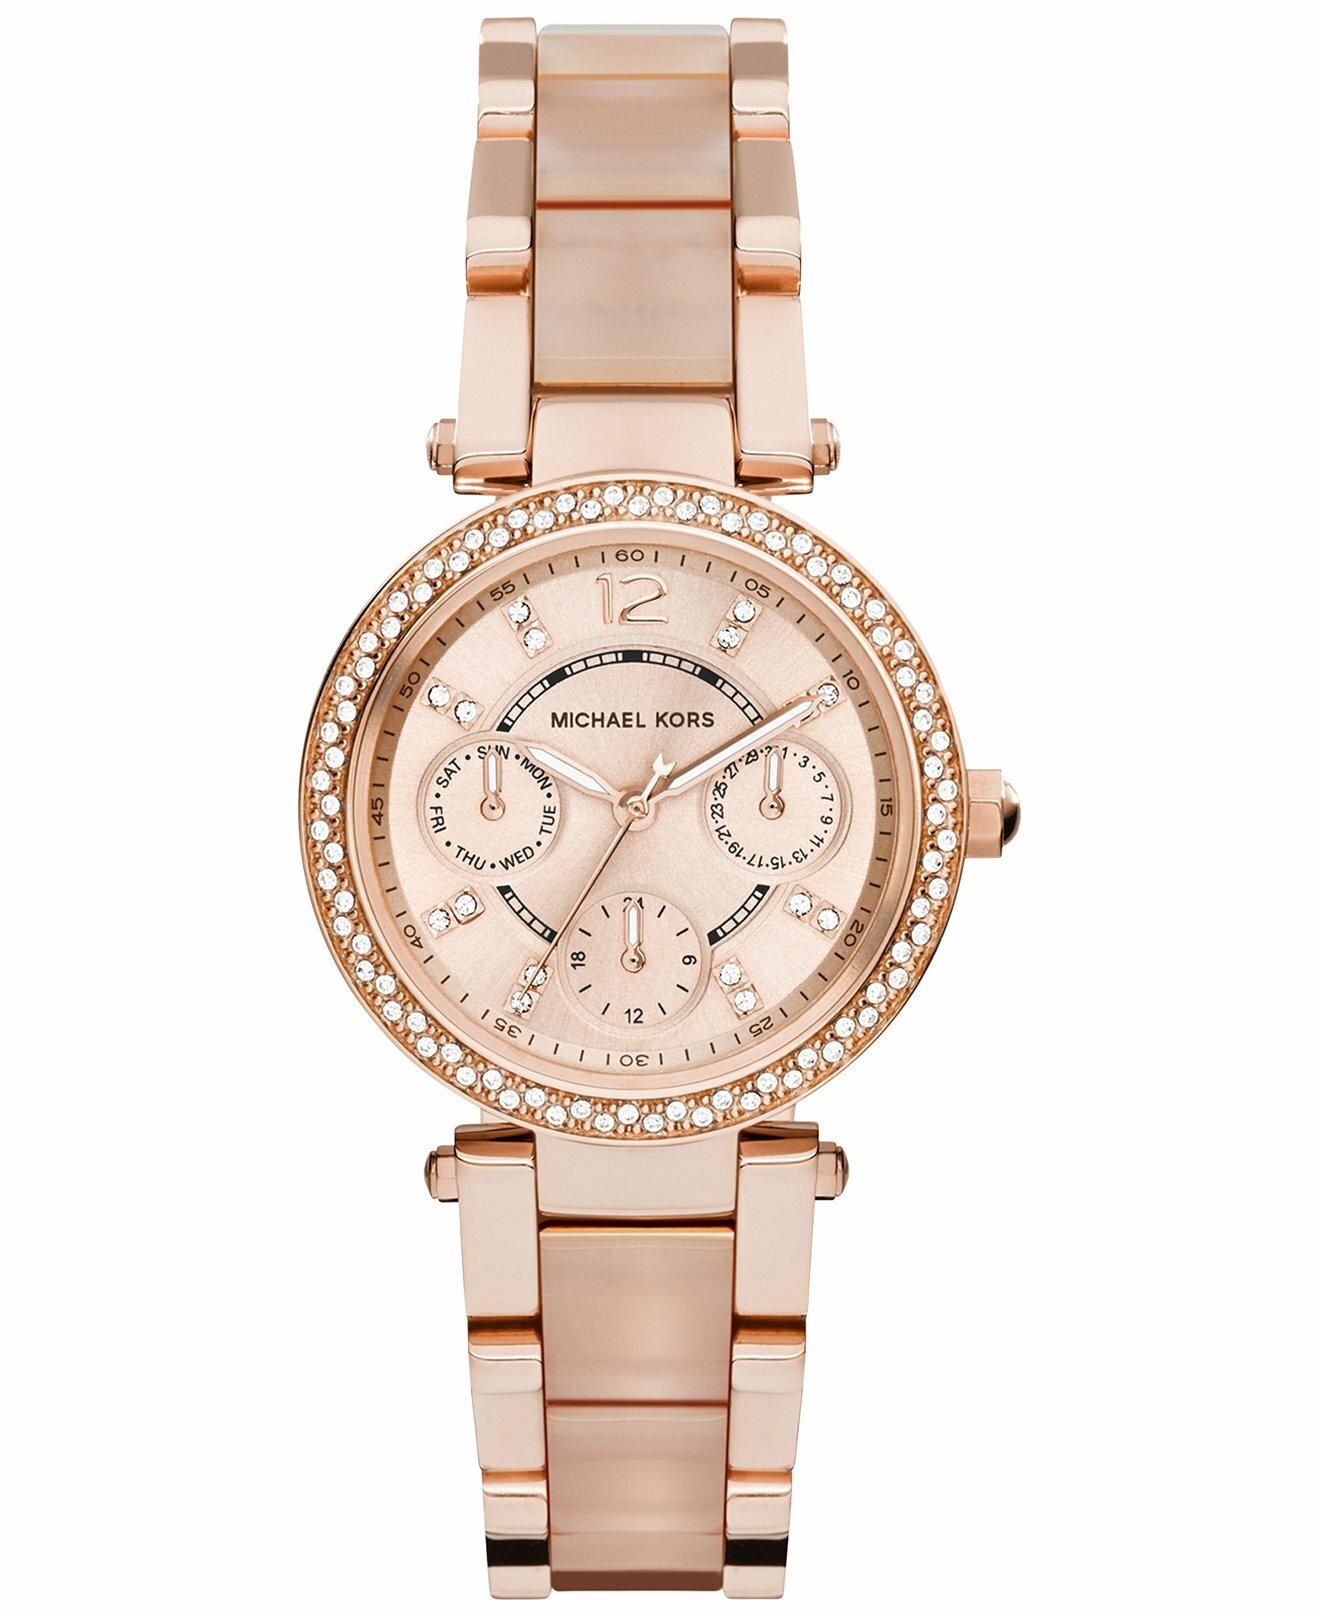 【限時8折 全店滿5000再9折】MichaelKors MK 大粉玫瑰金 水鑽  陶瓷  三環 手錶 腕錶 MK6110 美國Outlet正品代購 1